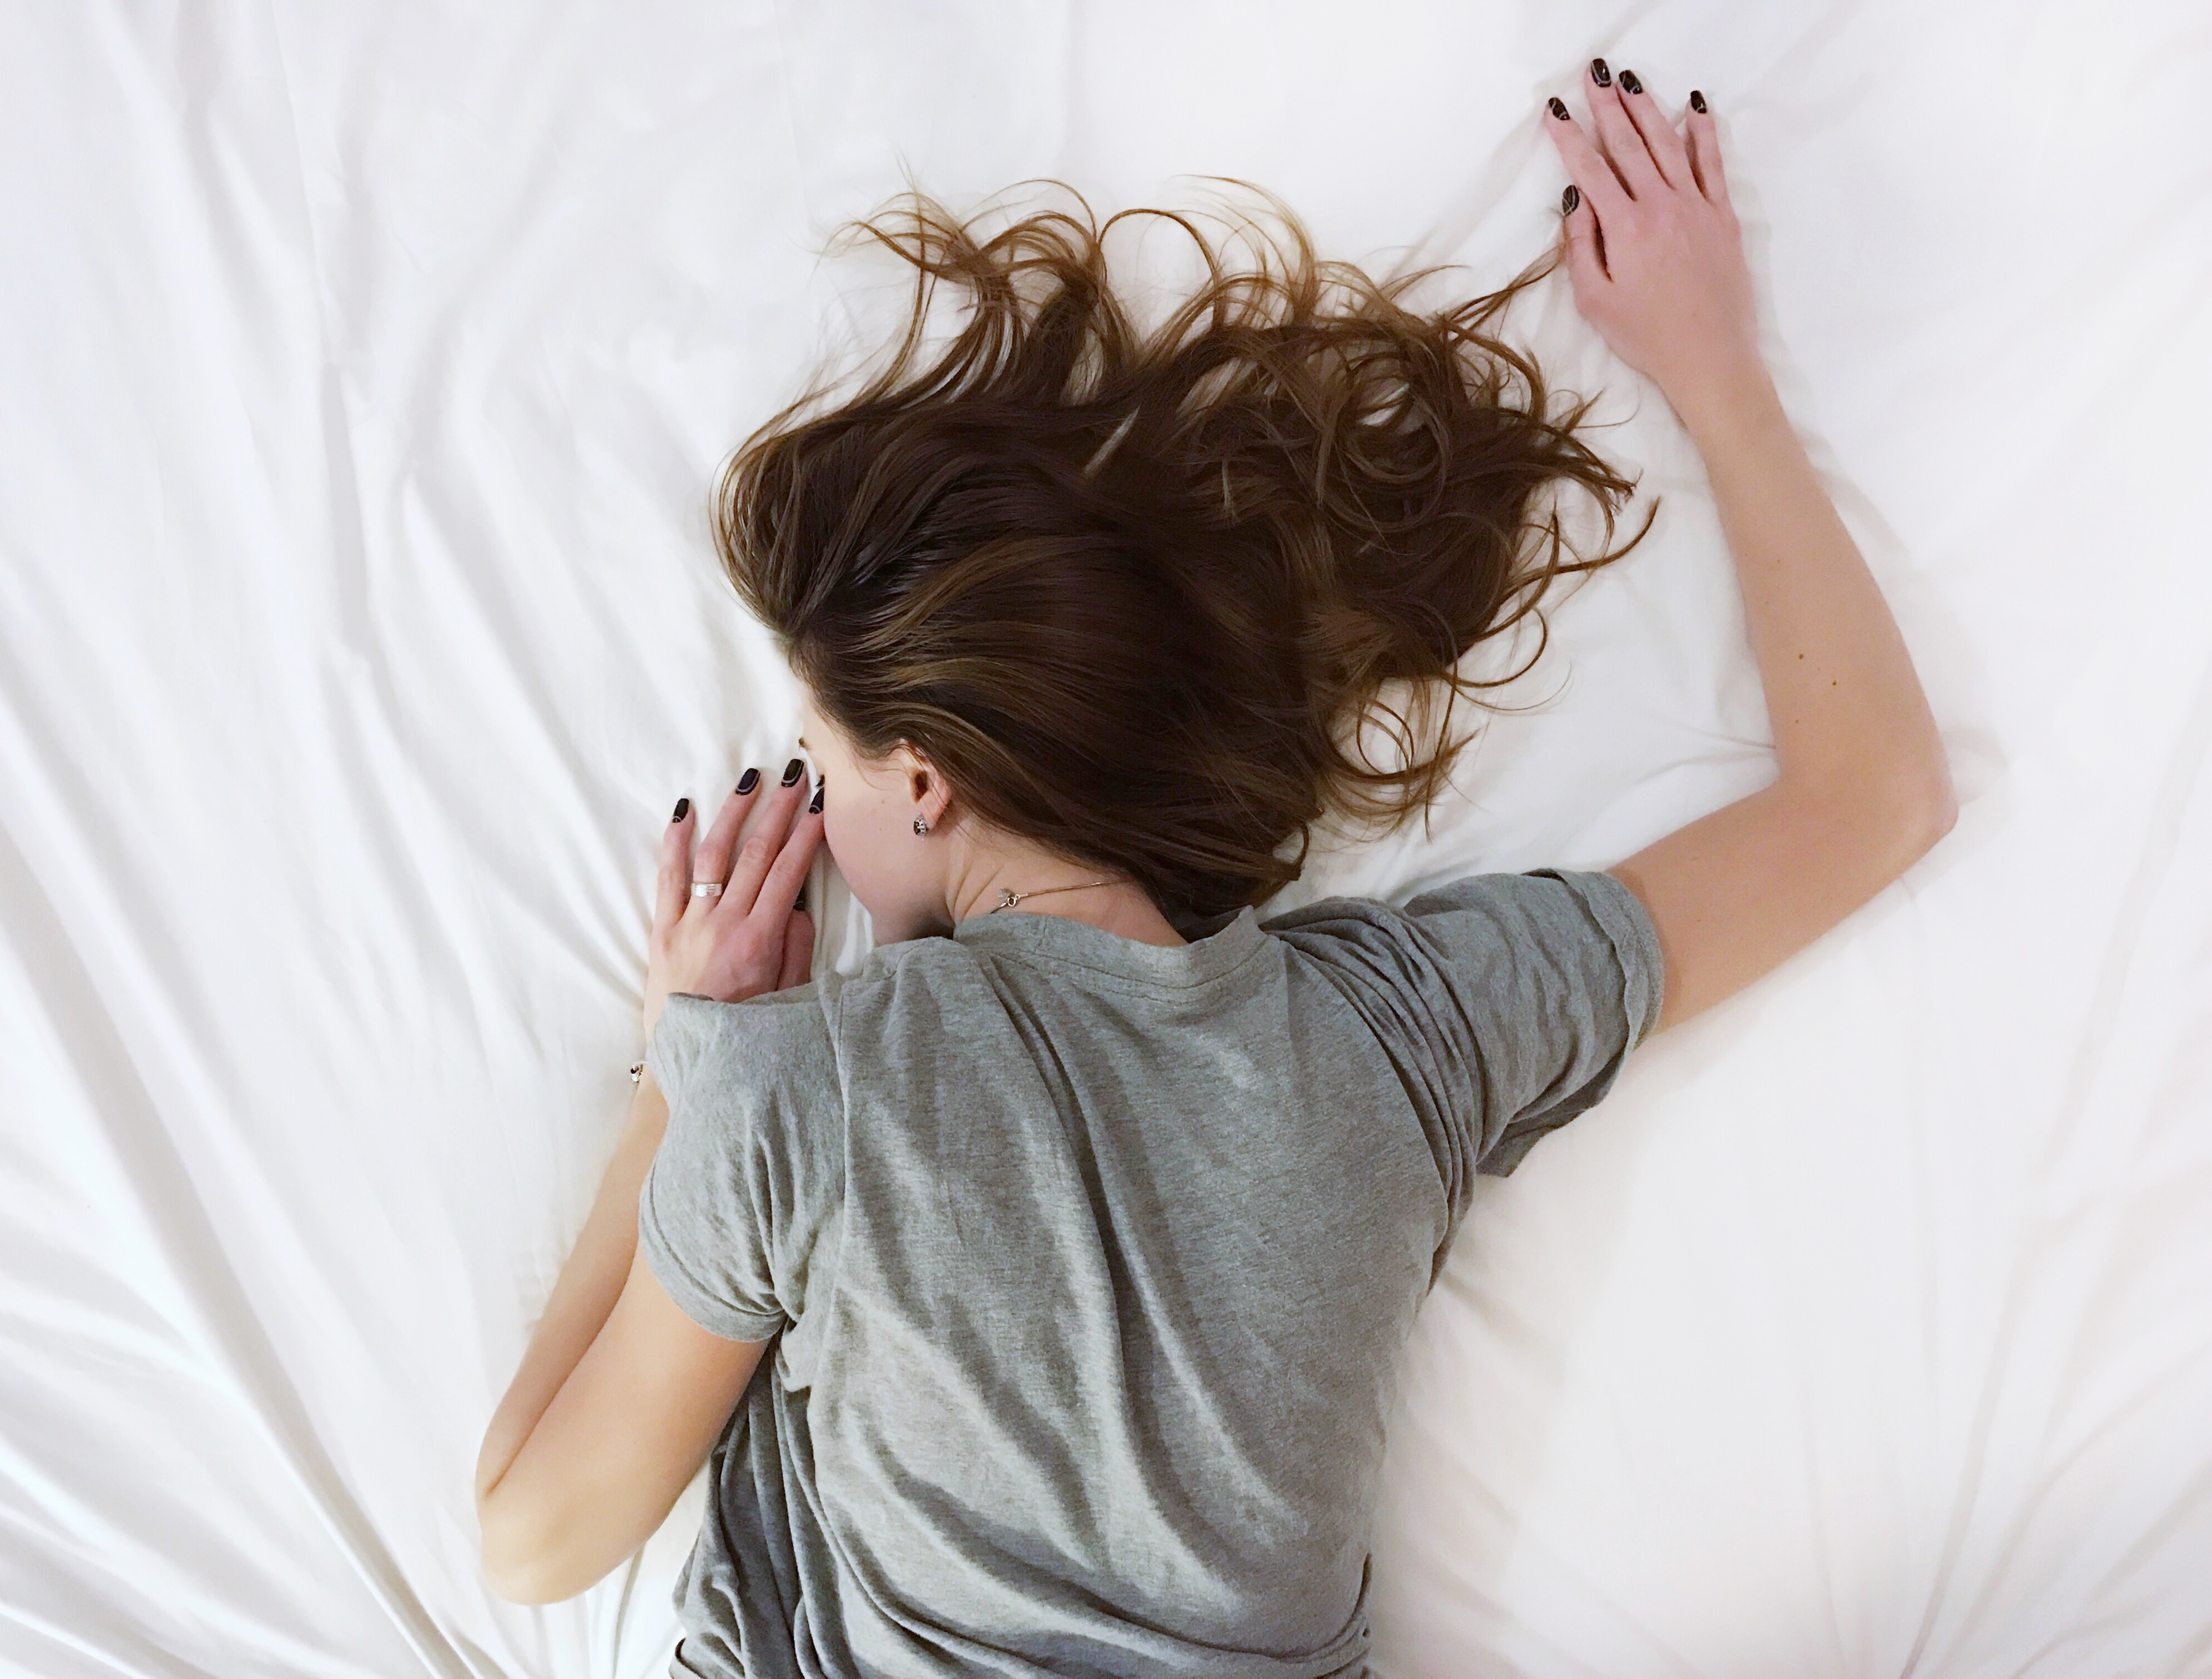 Mês do sono: como tratar os distúrbios do sono mais comuns